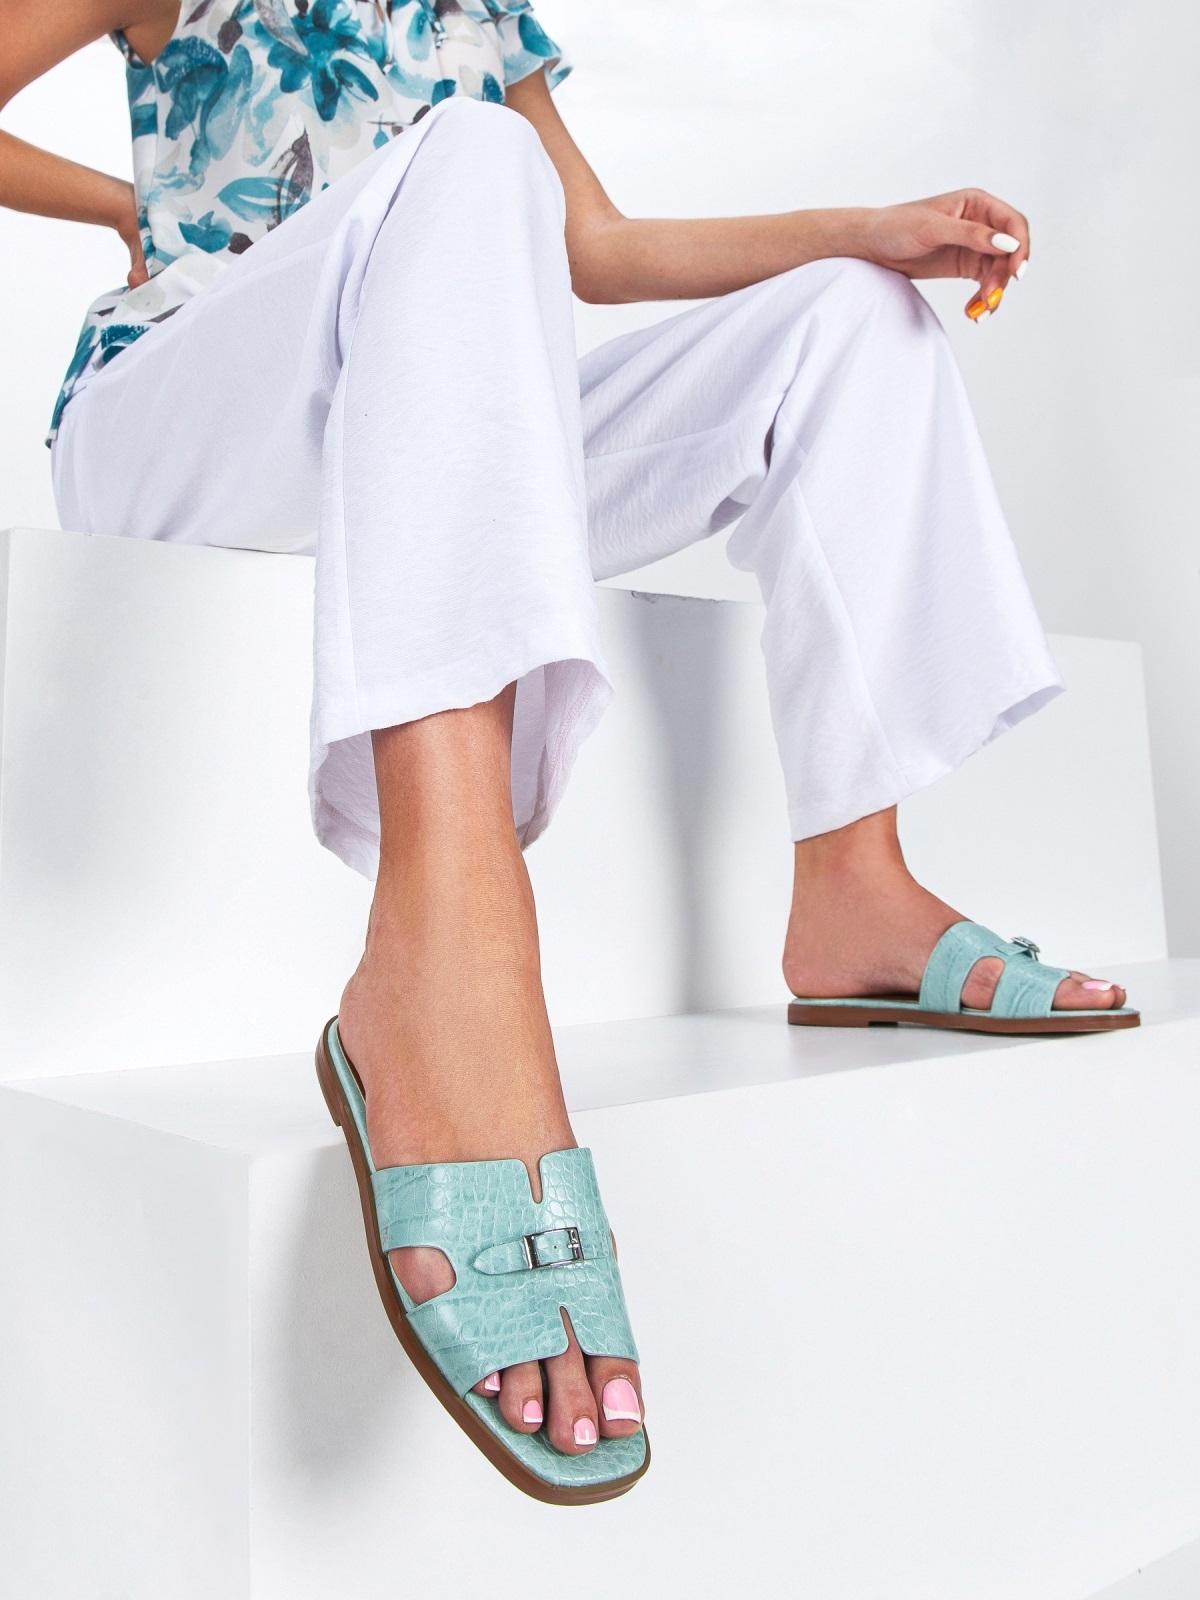 Шлепанцы голубого цвета на плоской подошве  - 49756, фото 1 – интернет-магазин Dressa